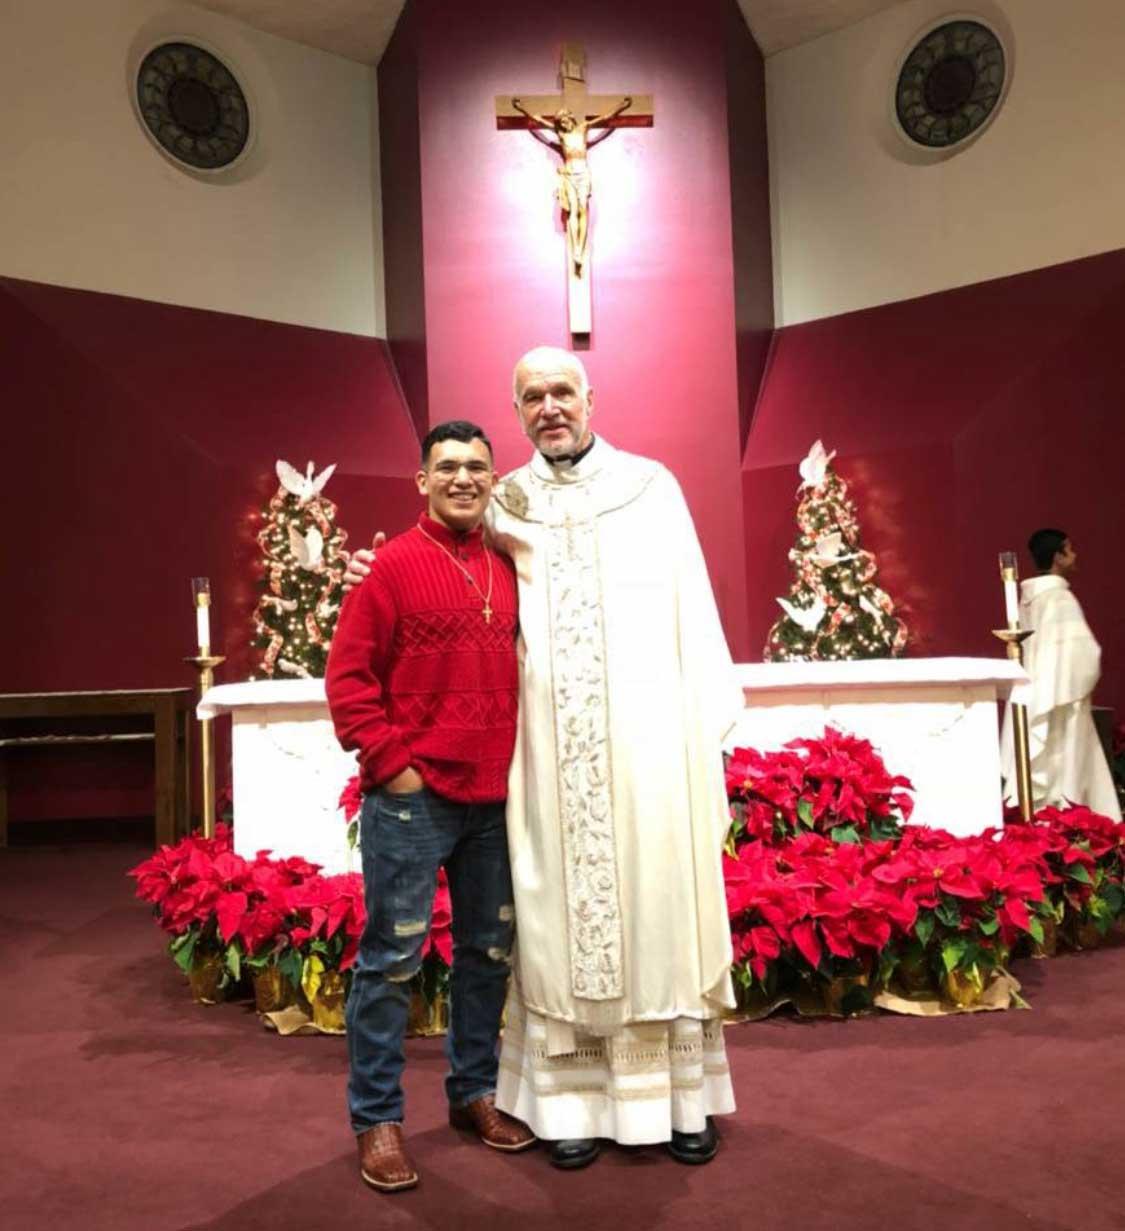 Msgr White & Aaron Lugo